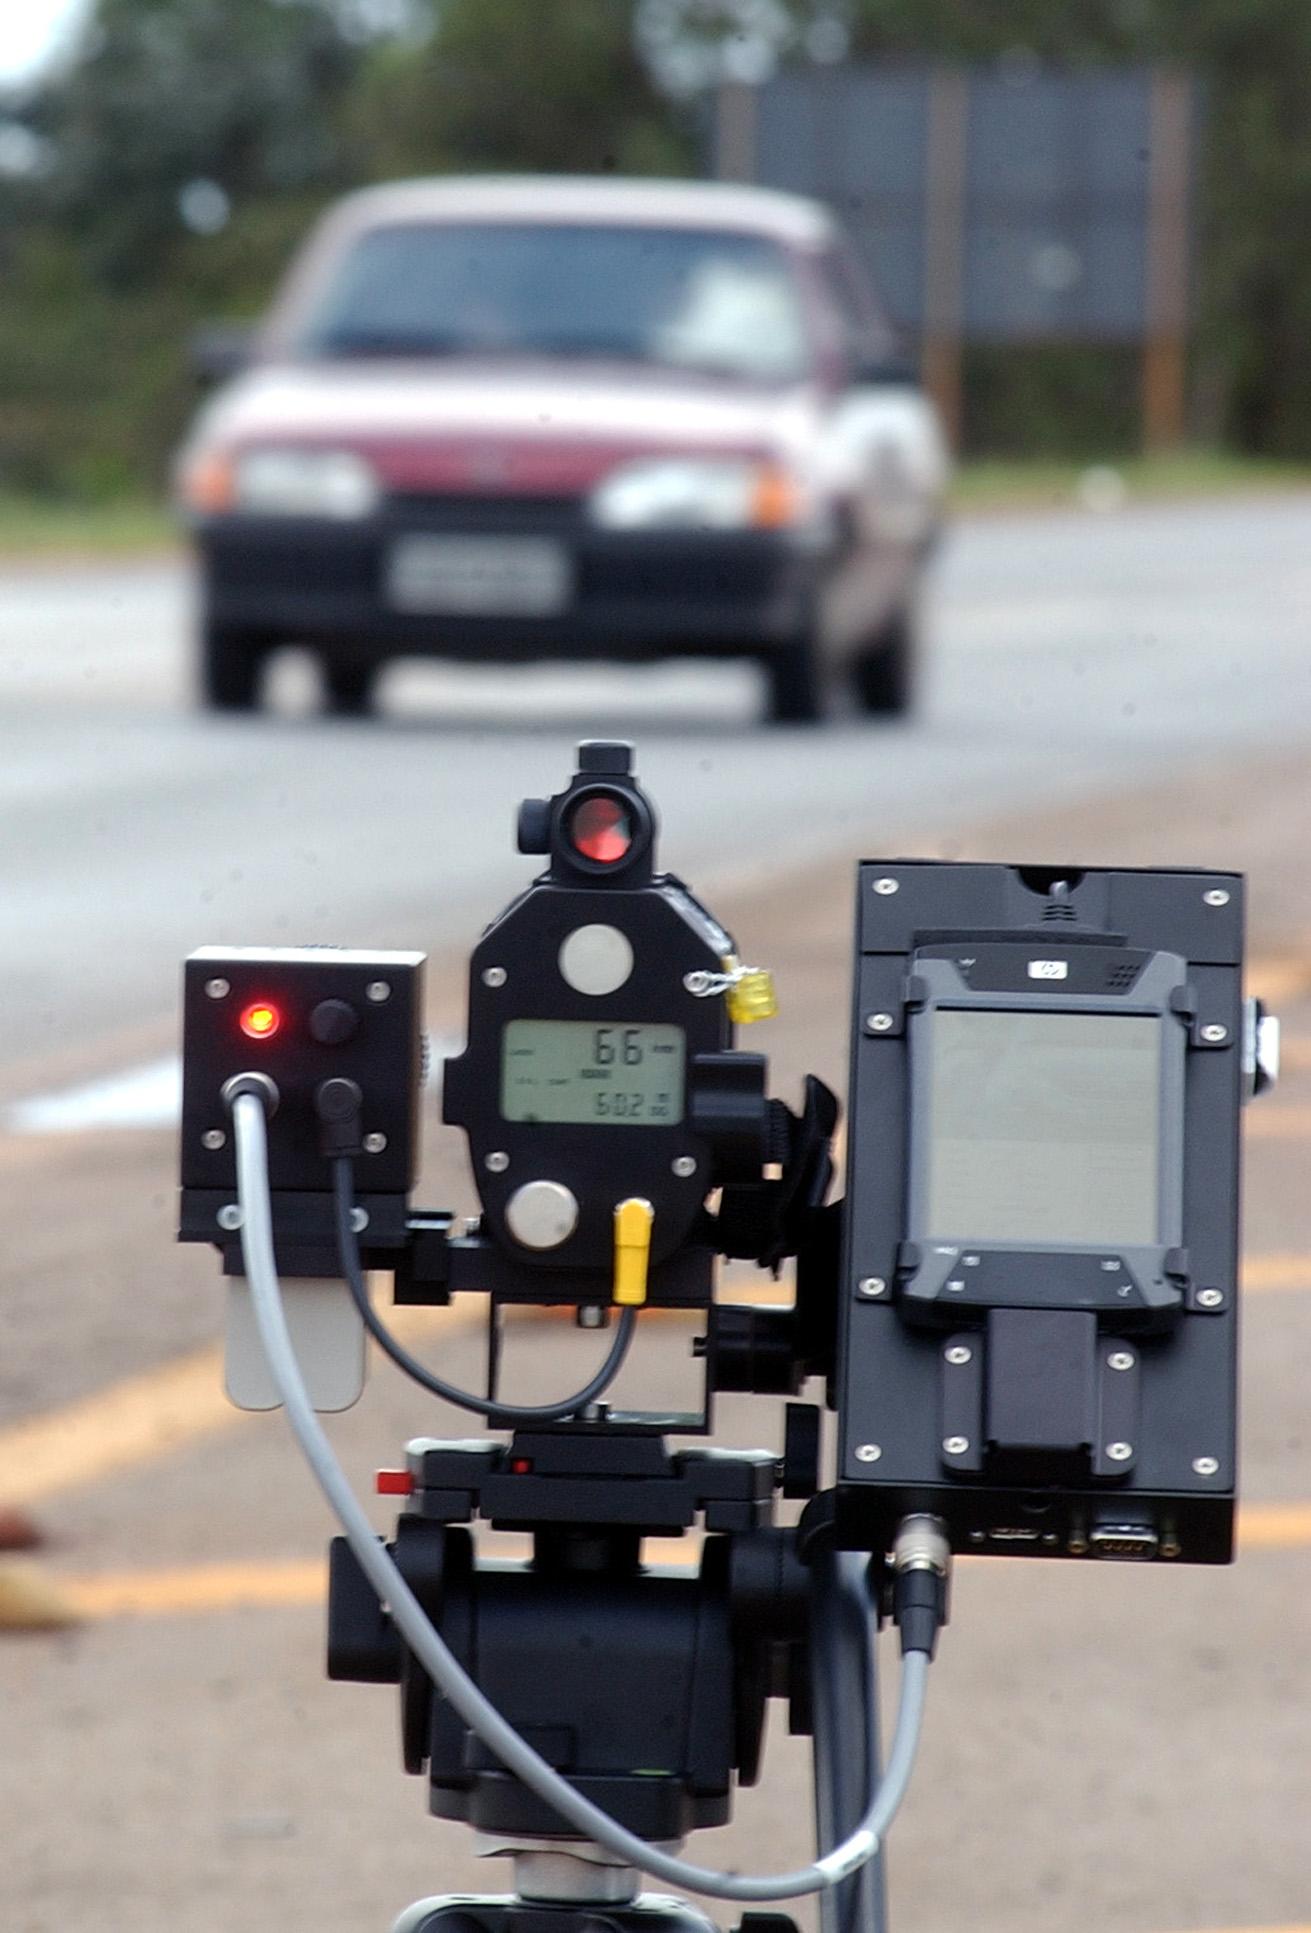 камеры ловят на скорость